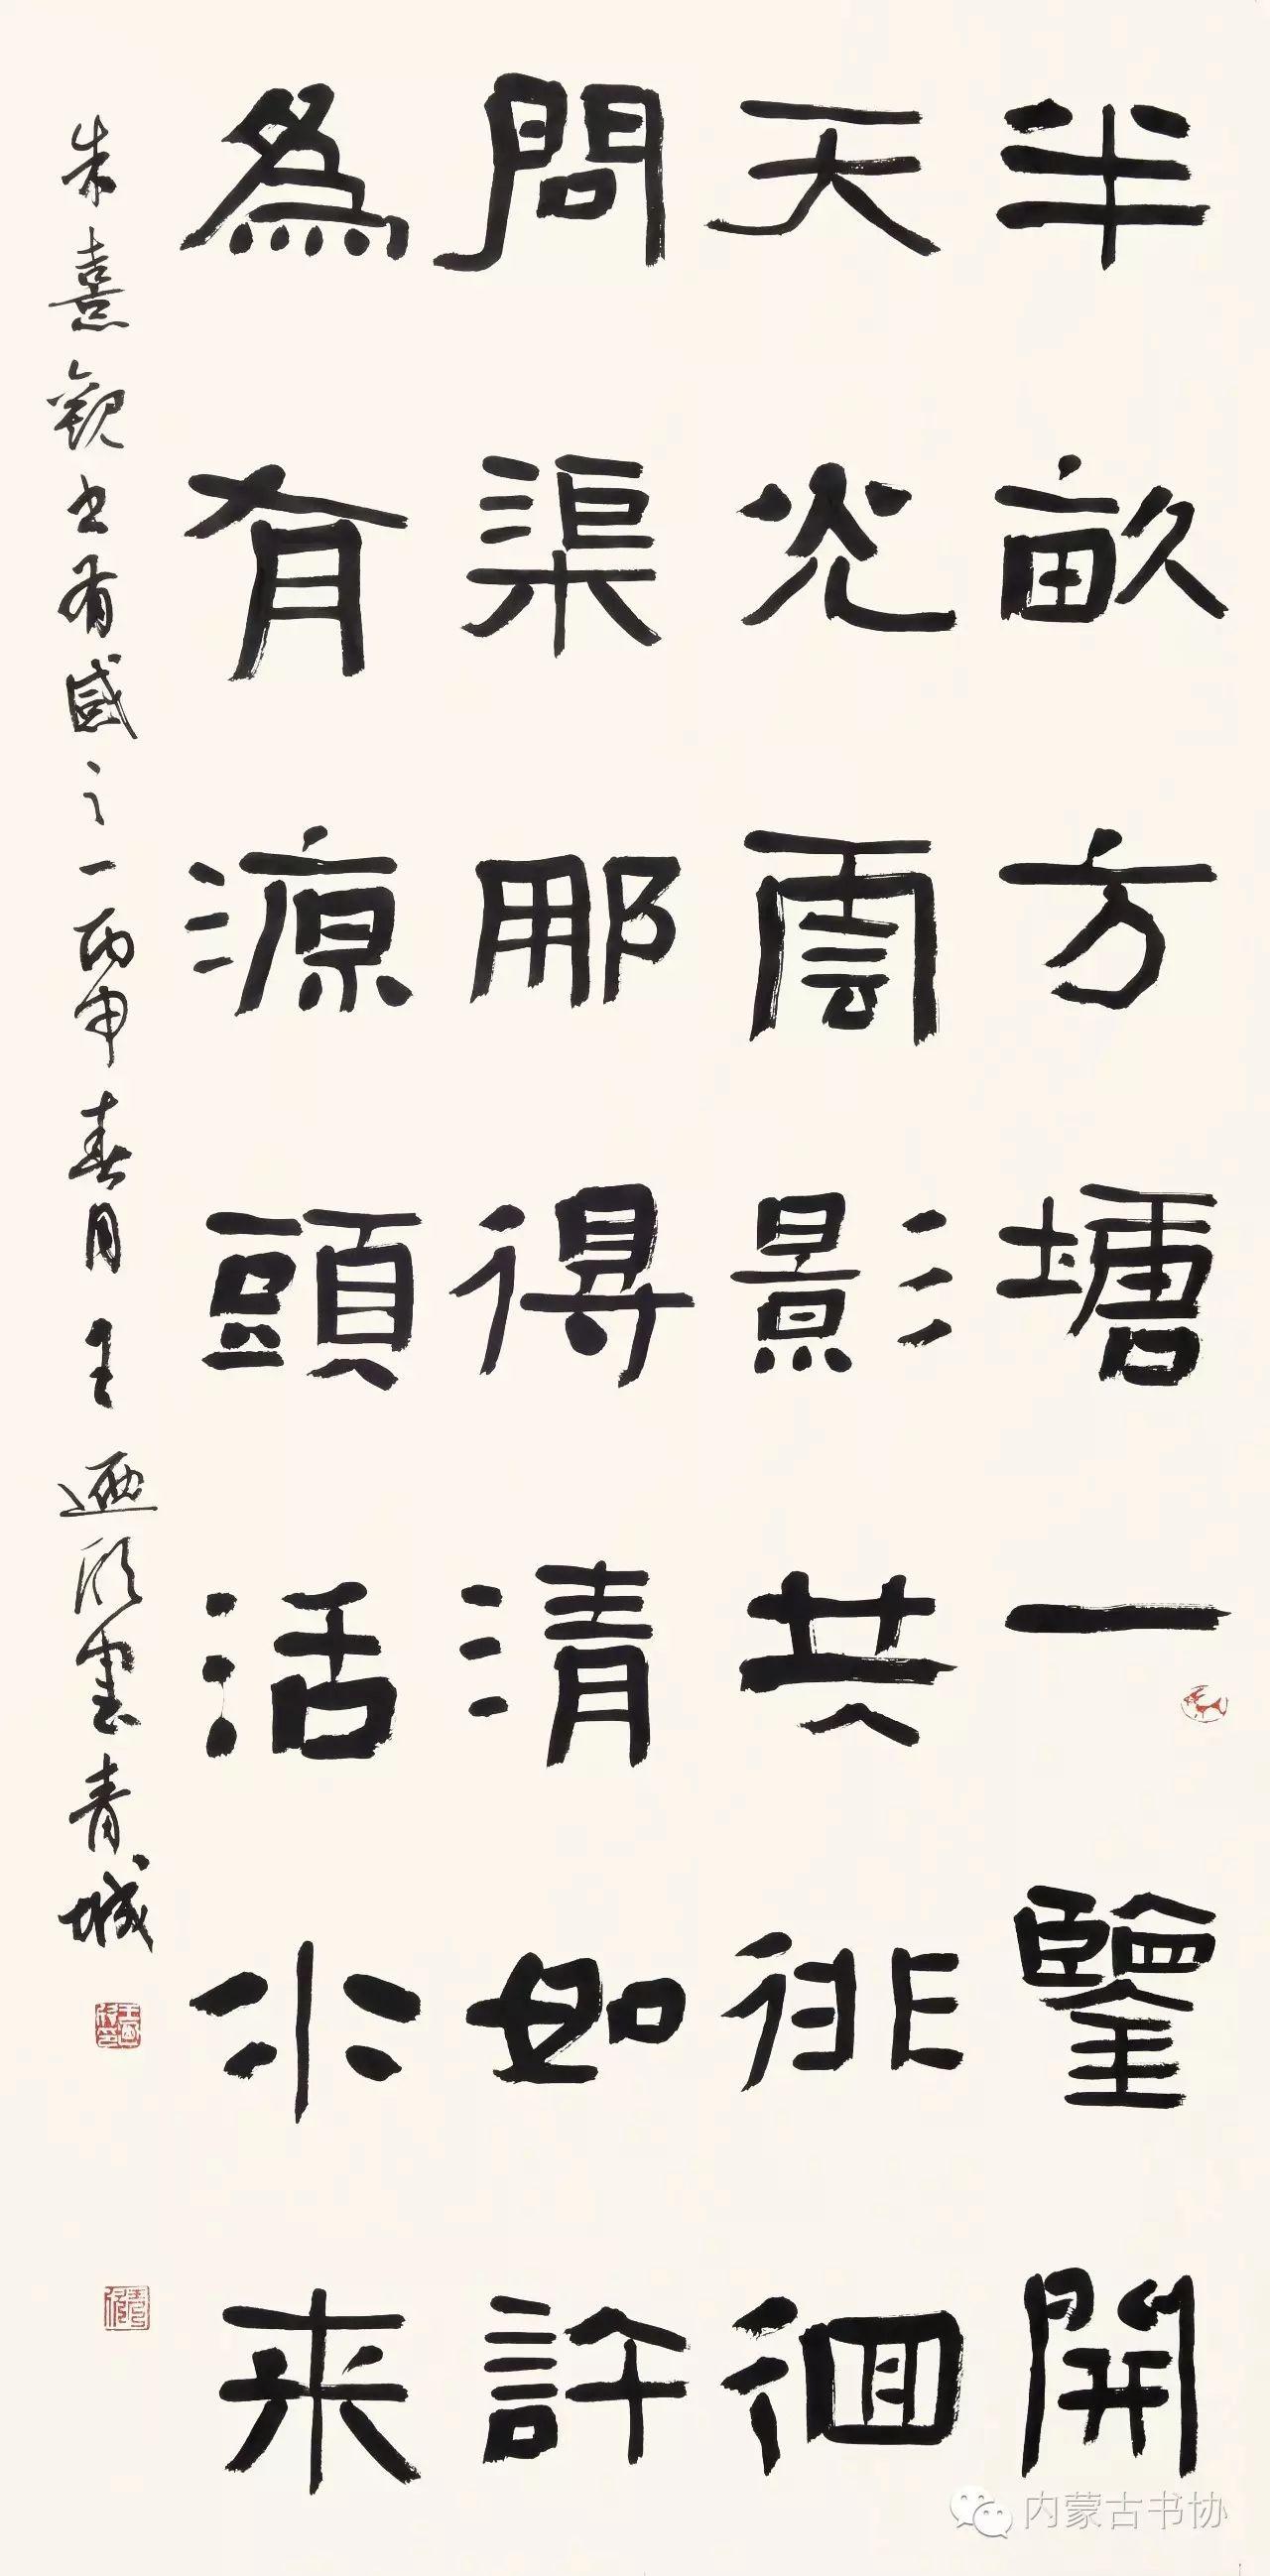 内蒙古书法家协会书家推荐系列之王迺欣书法艺术赏析 第5张